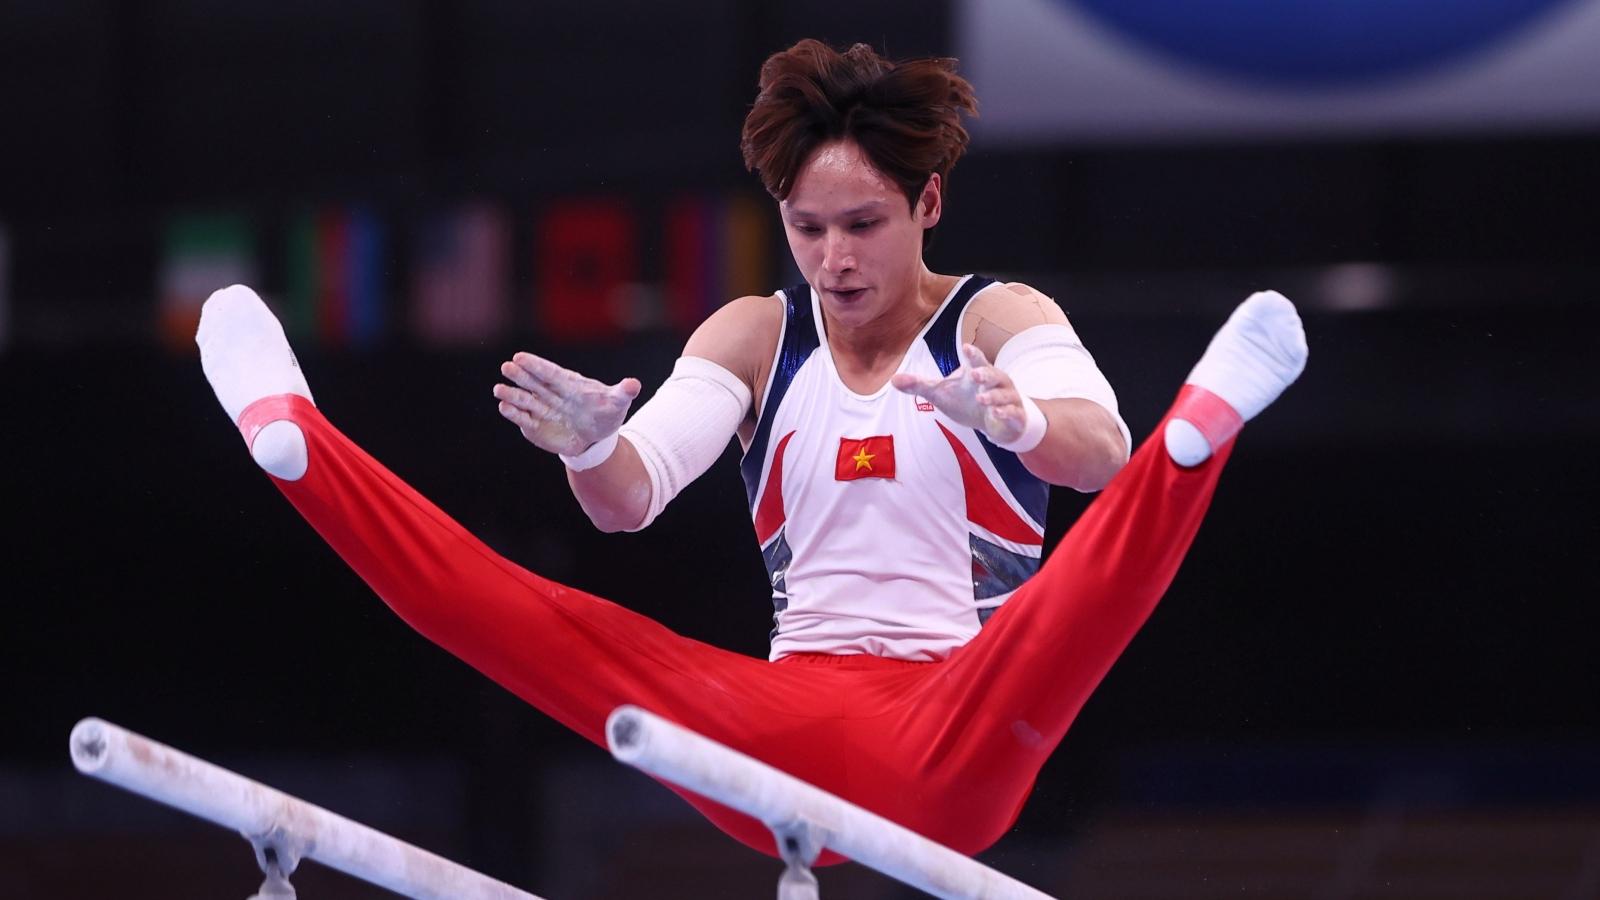 Trực tiếp thể thao Việt Nam ở Olympic ngày 24/7: Thanh Tùng, Phương Thành dừng bước